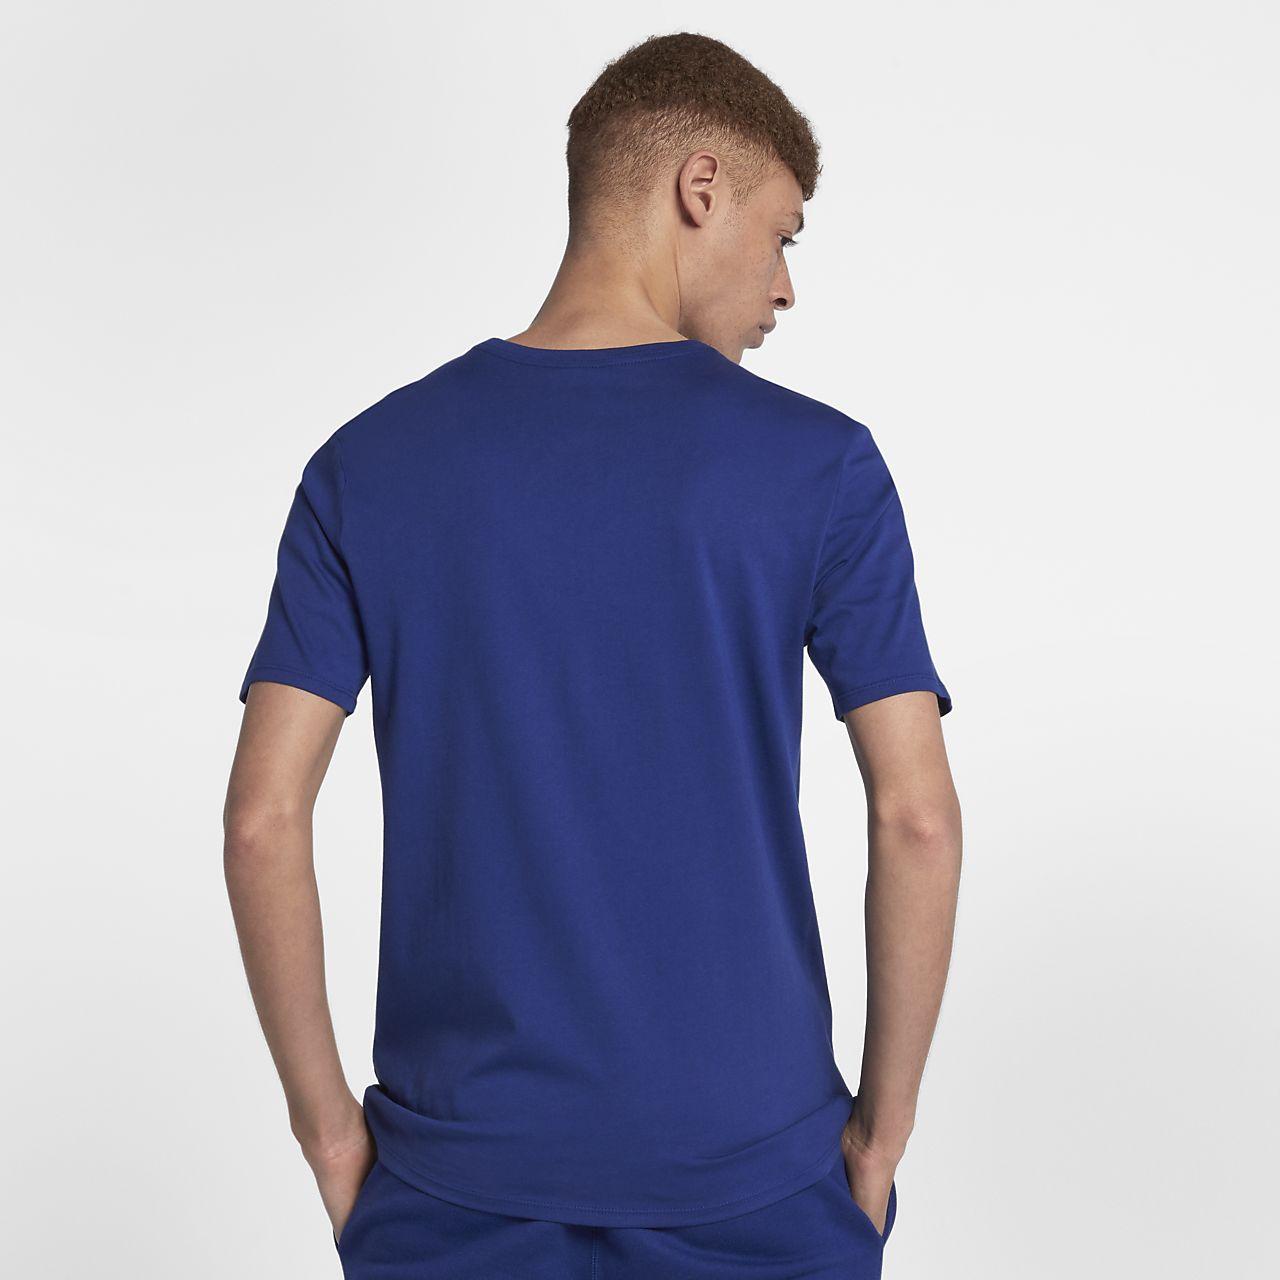 1557cf9428889e Jordan Lifestyle Iconic Jumpman Men s T-Shirt. Nike.com SK